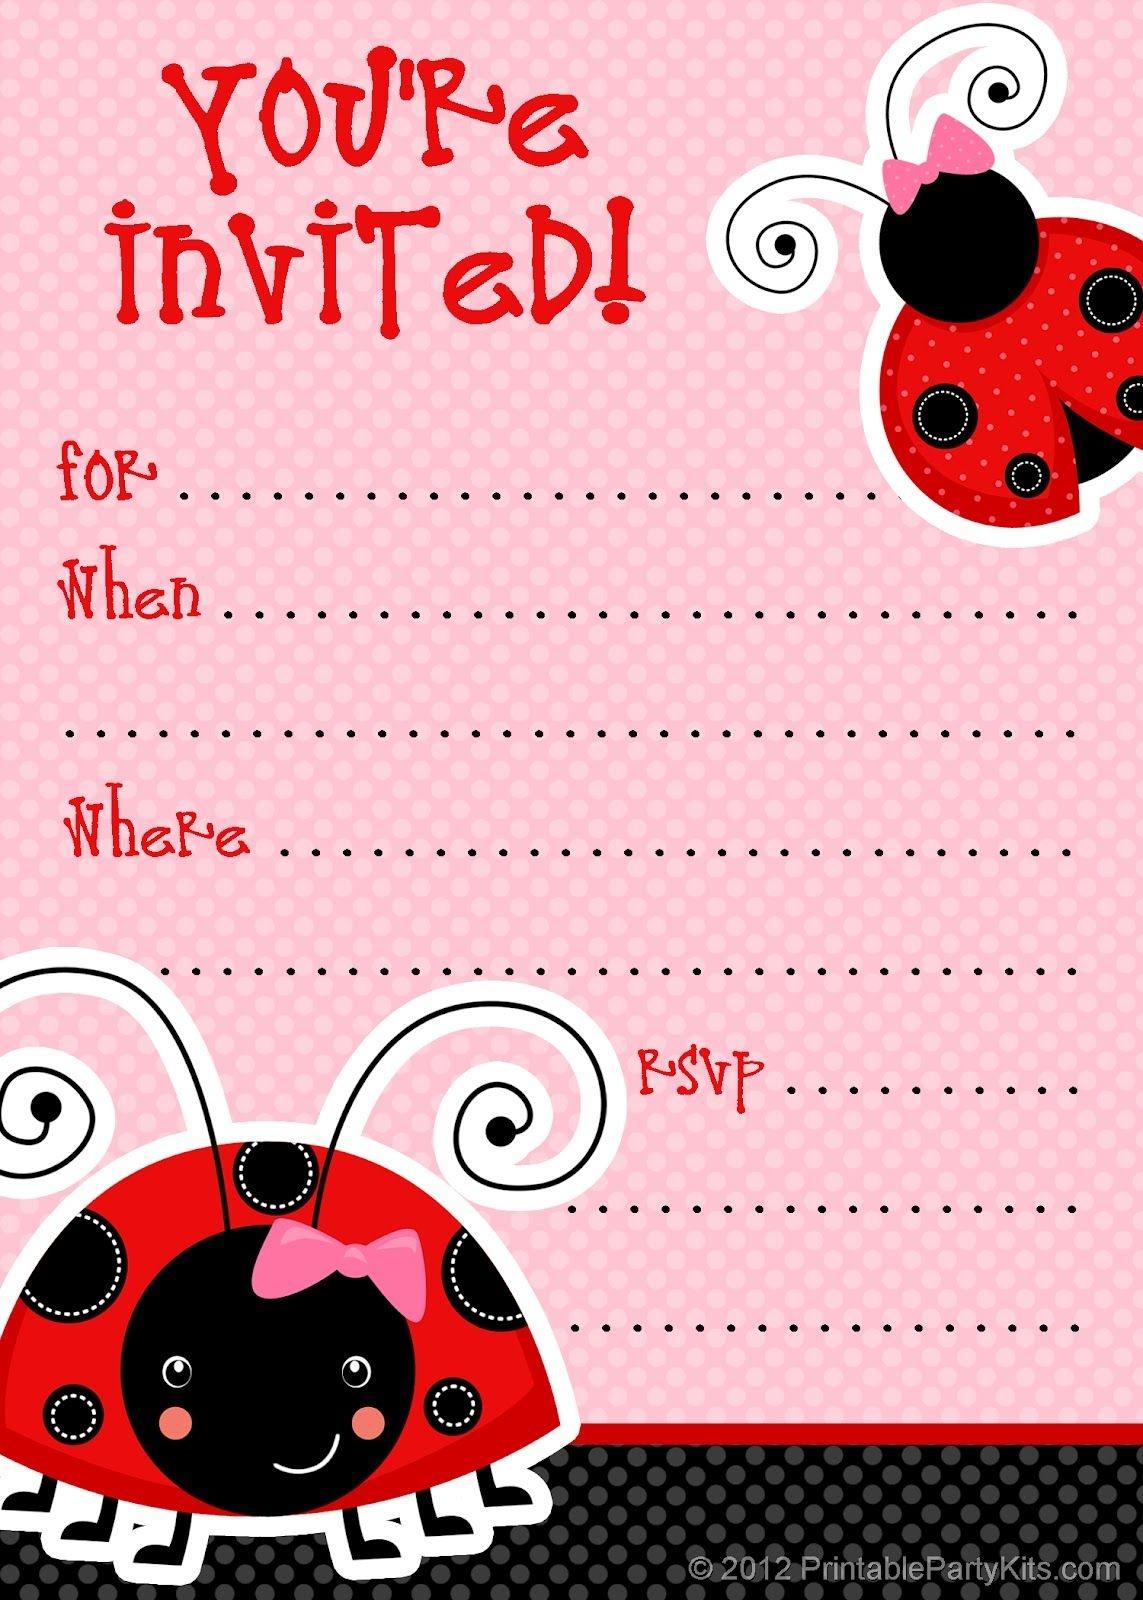 1) Free Printable Ladybug Invitation Blank Template. 2) Beautiful - Free Printable Ladybug Stationery